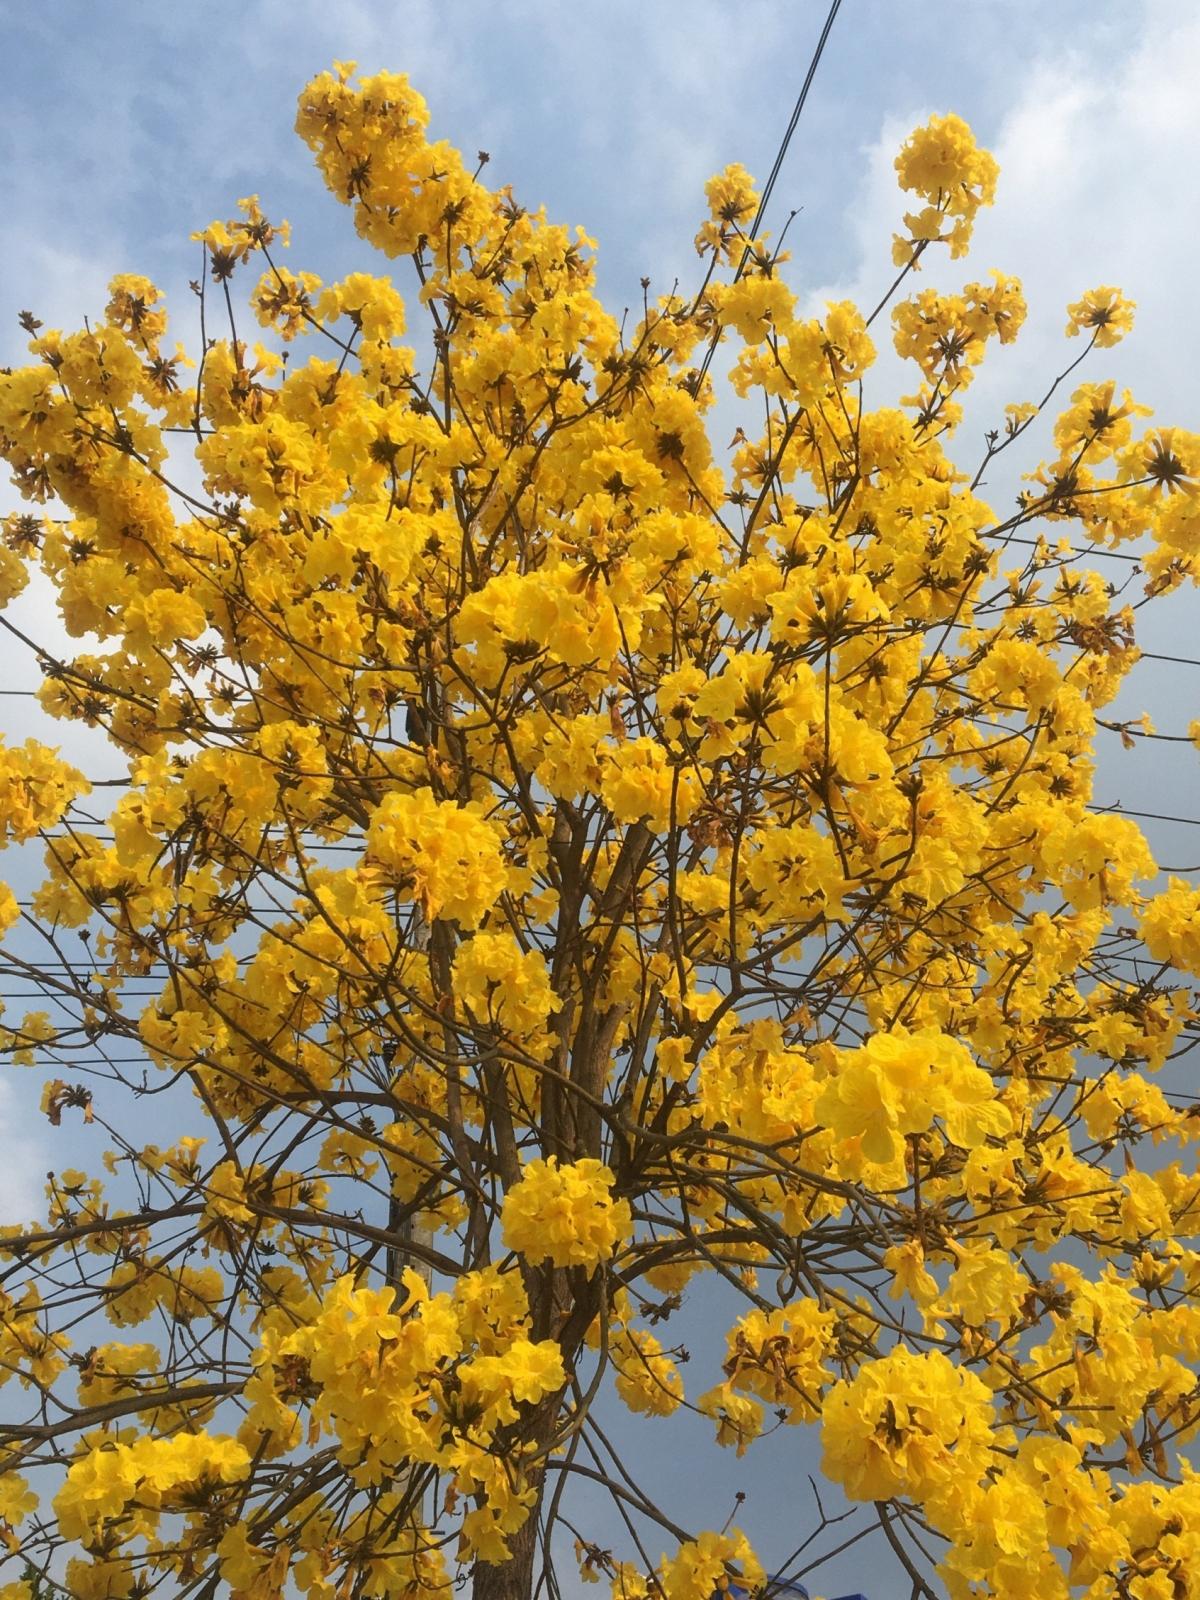 Hoa Lokkhe savan nở rực rỡ chẳng khác gì hoa mai vàng Nam bộ nhưng đóa hoa lớn hơn nhiều.